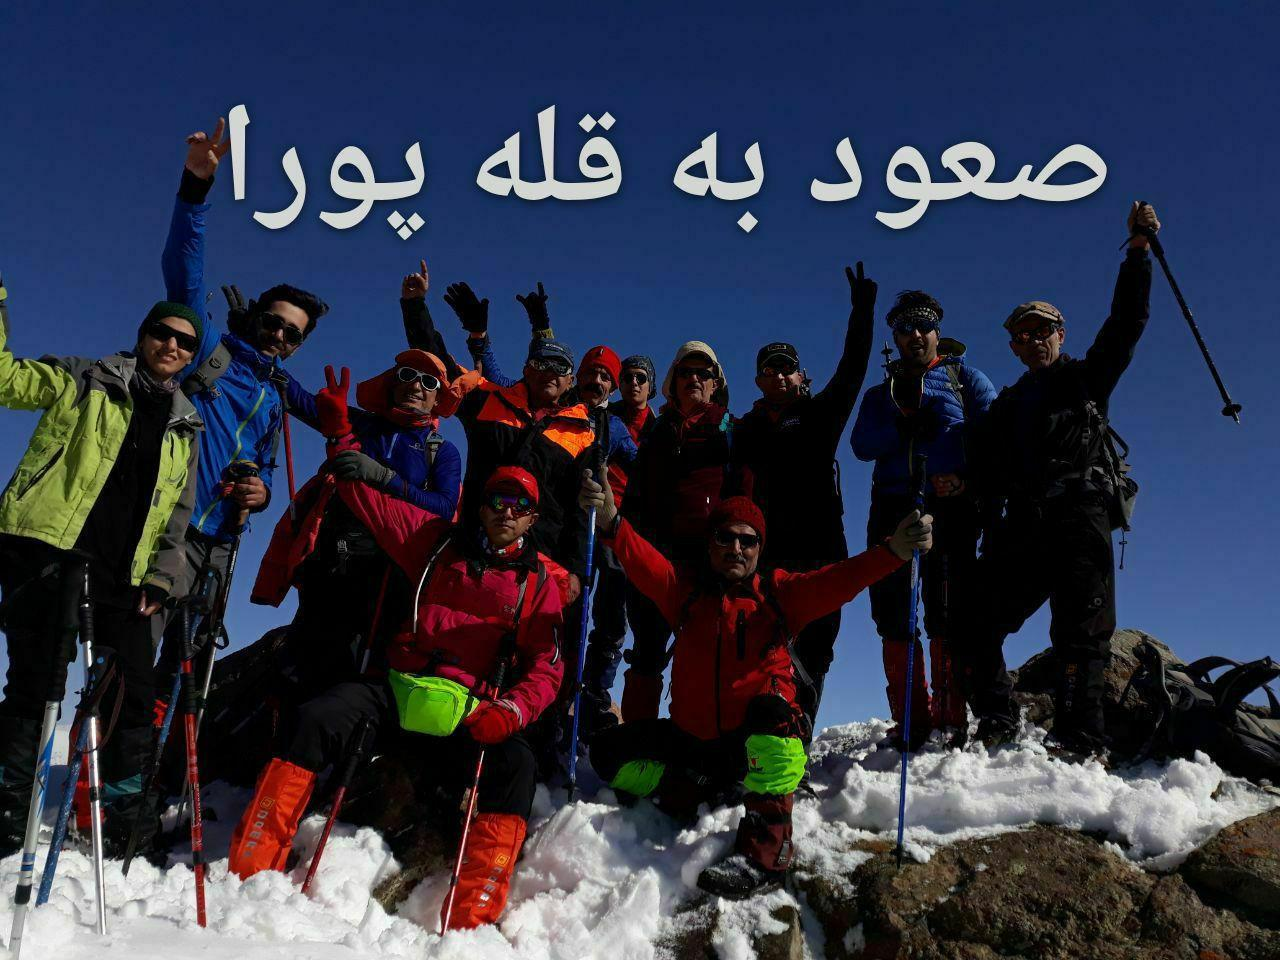 صعود کوهنوردان  کانون کوه به قله بورا